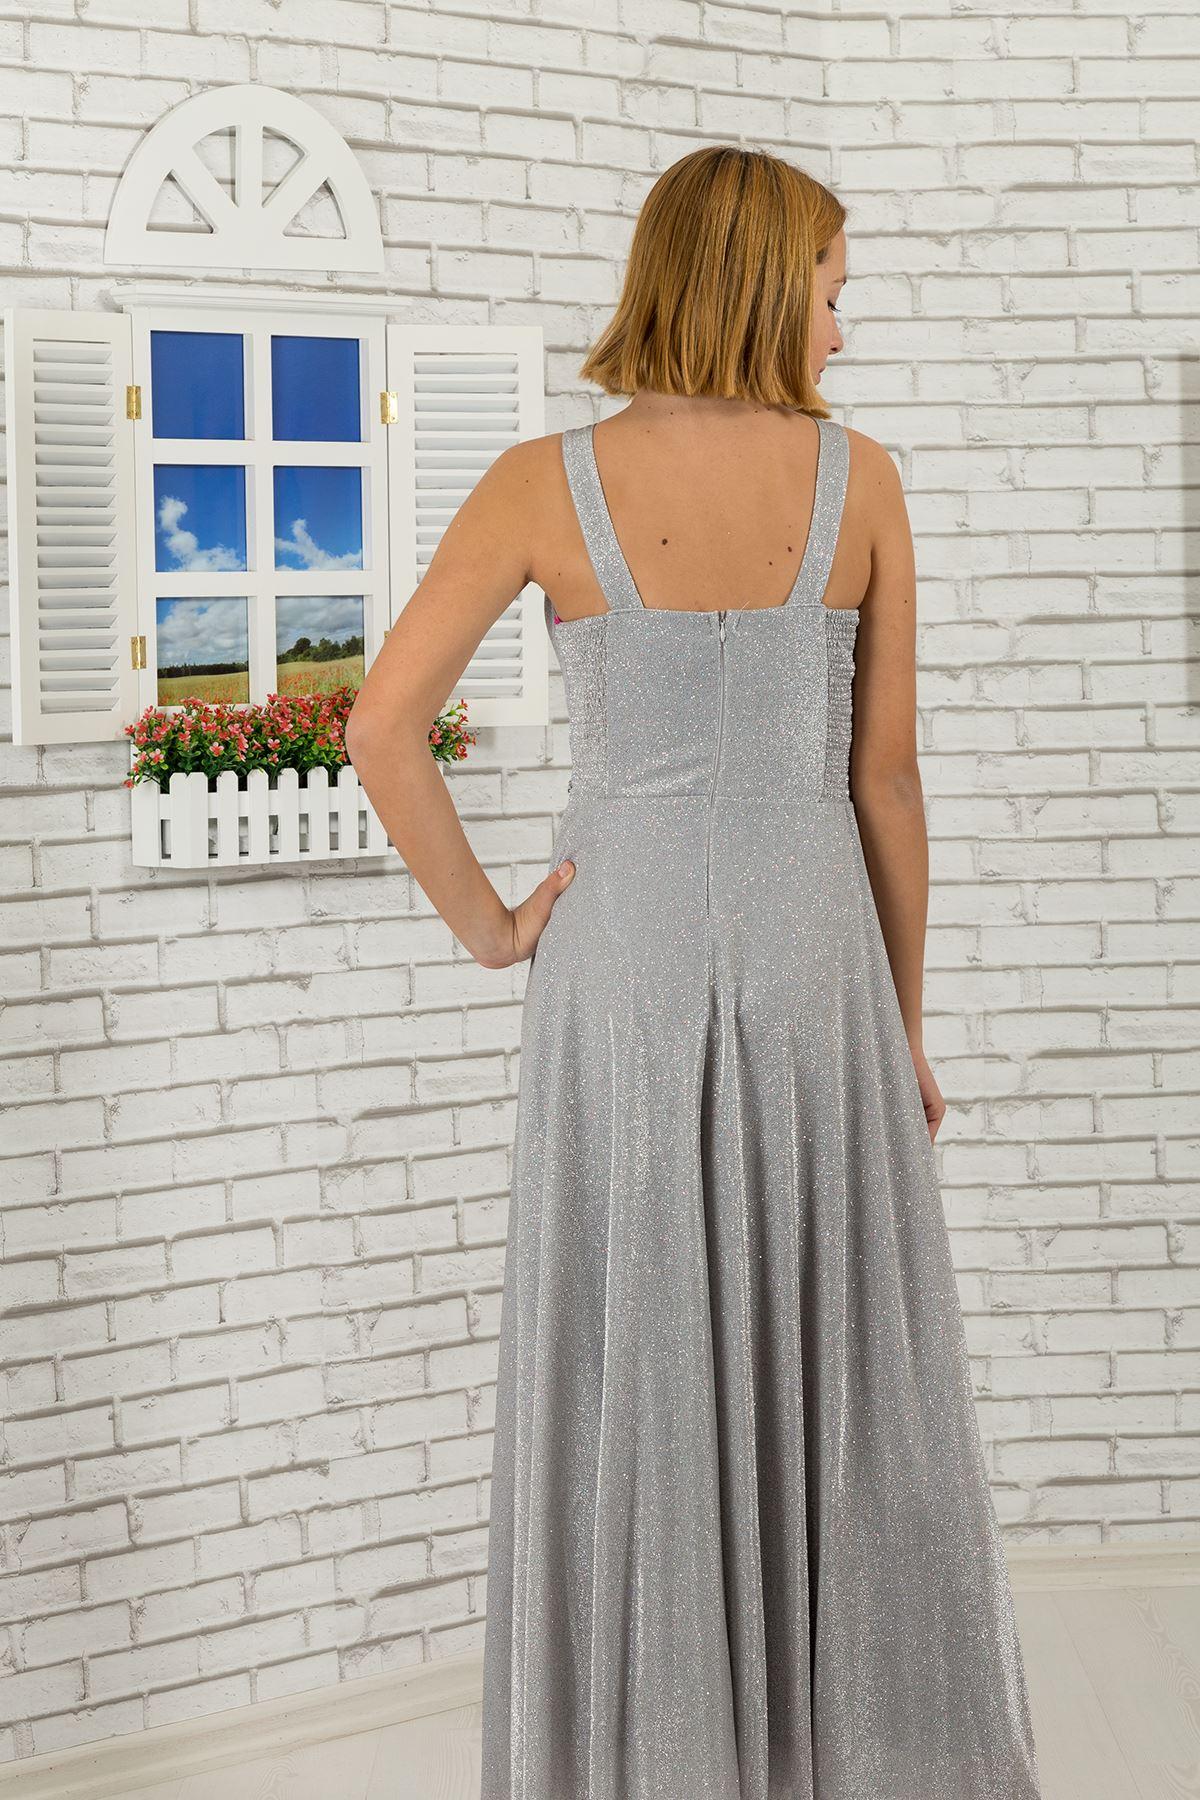 Taille und Hals Stein detailliert, silbrig Stoff Mädchen Kinder Abendkleid 469 Grau